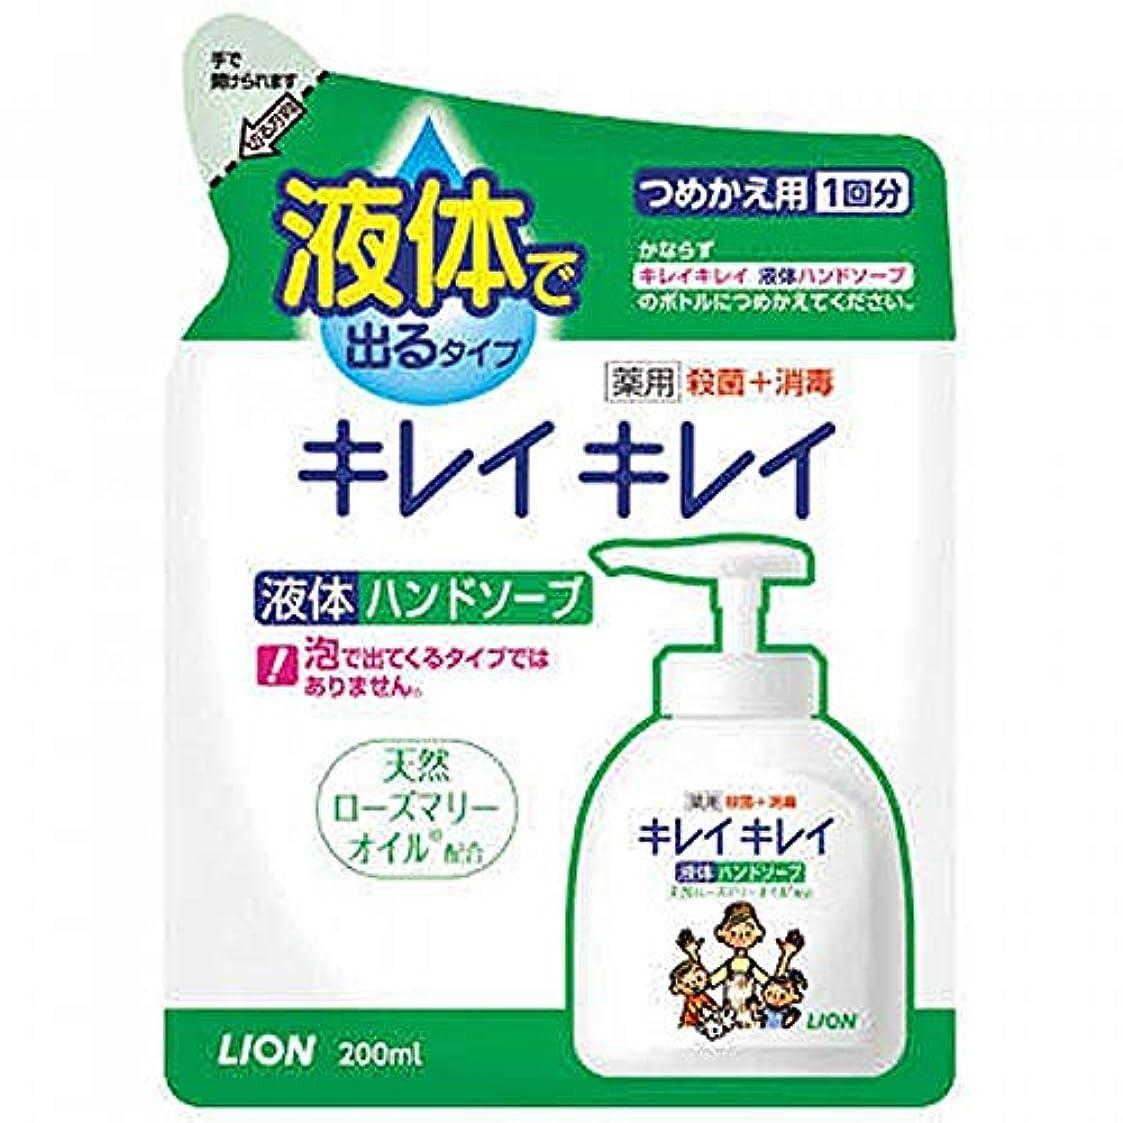 気づく冷凍庫拘束するライオン キレイキレイ 薬用液体ハンドソープ 詰替 200ml ×2セット